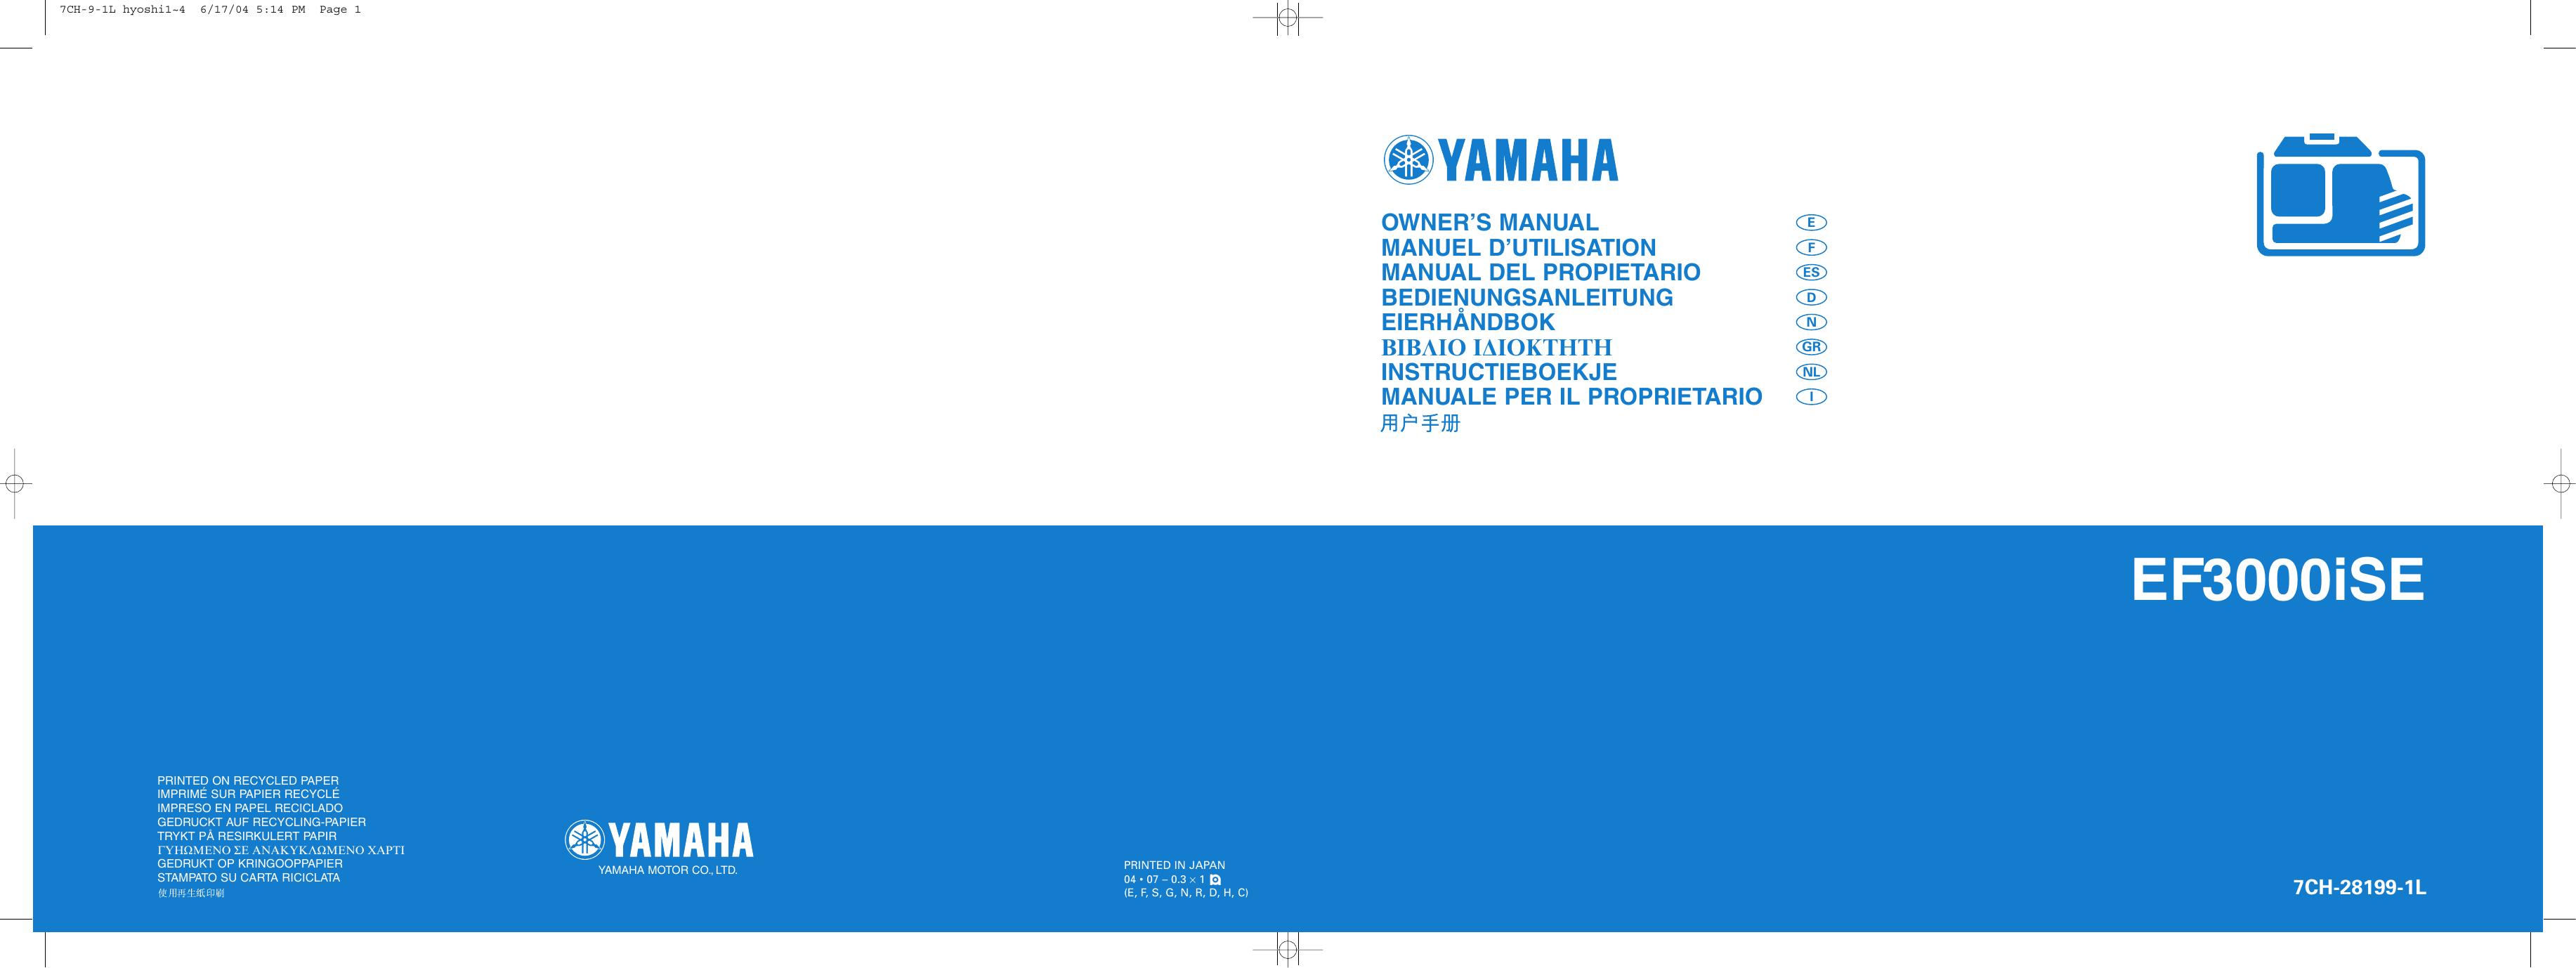 EF3000iSE - Yamaha Motor Europe   manualzz.com on